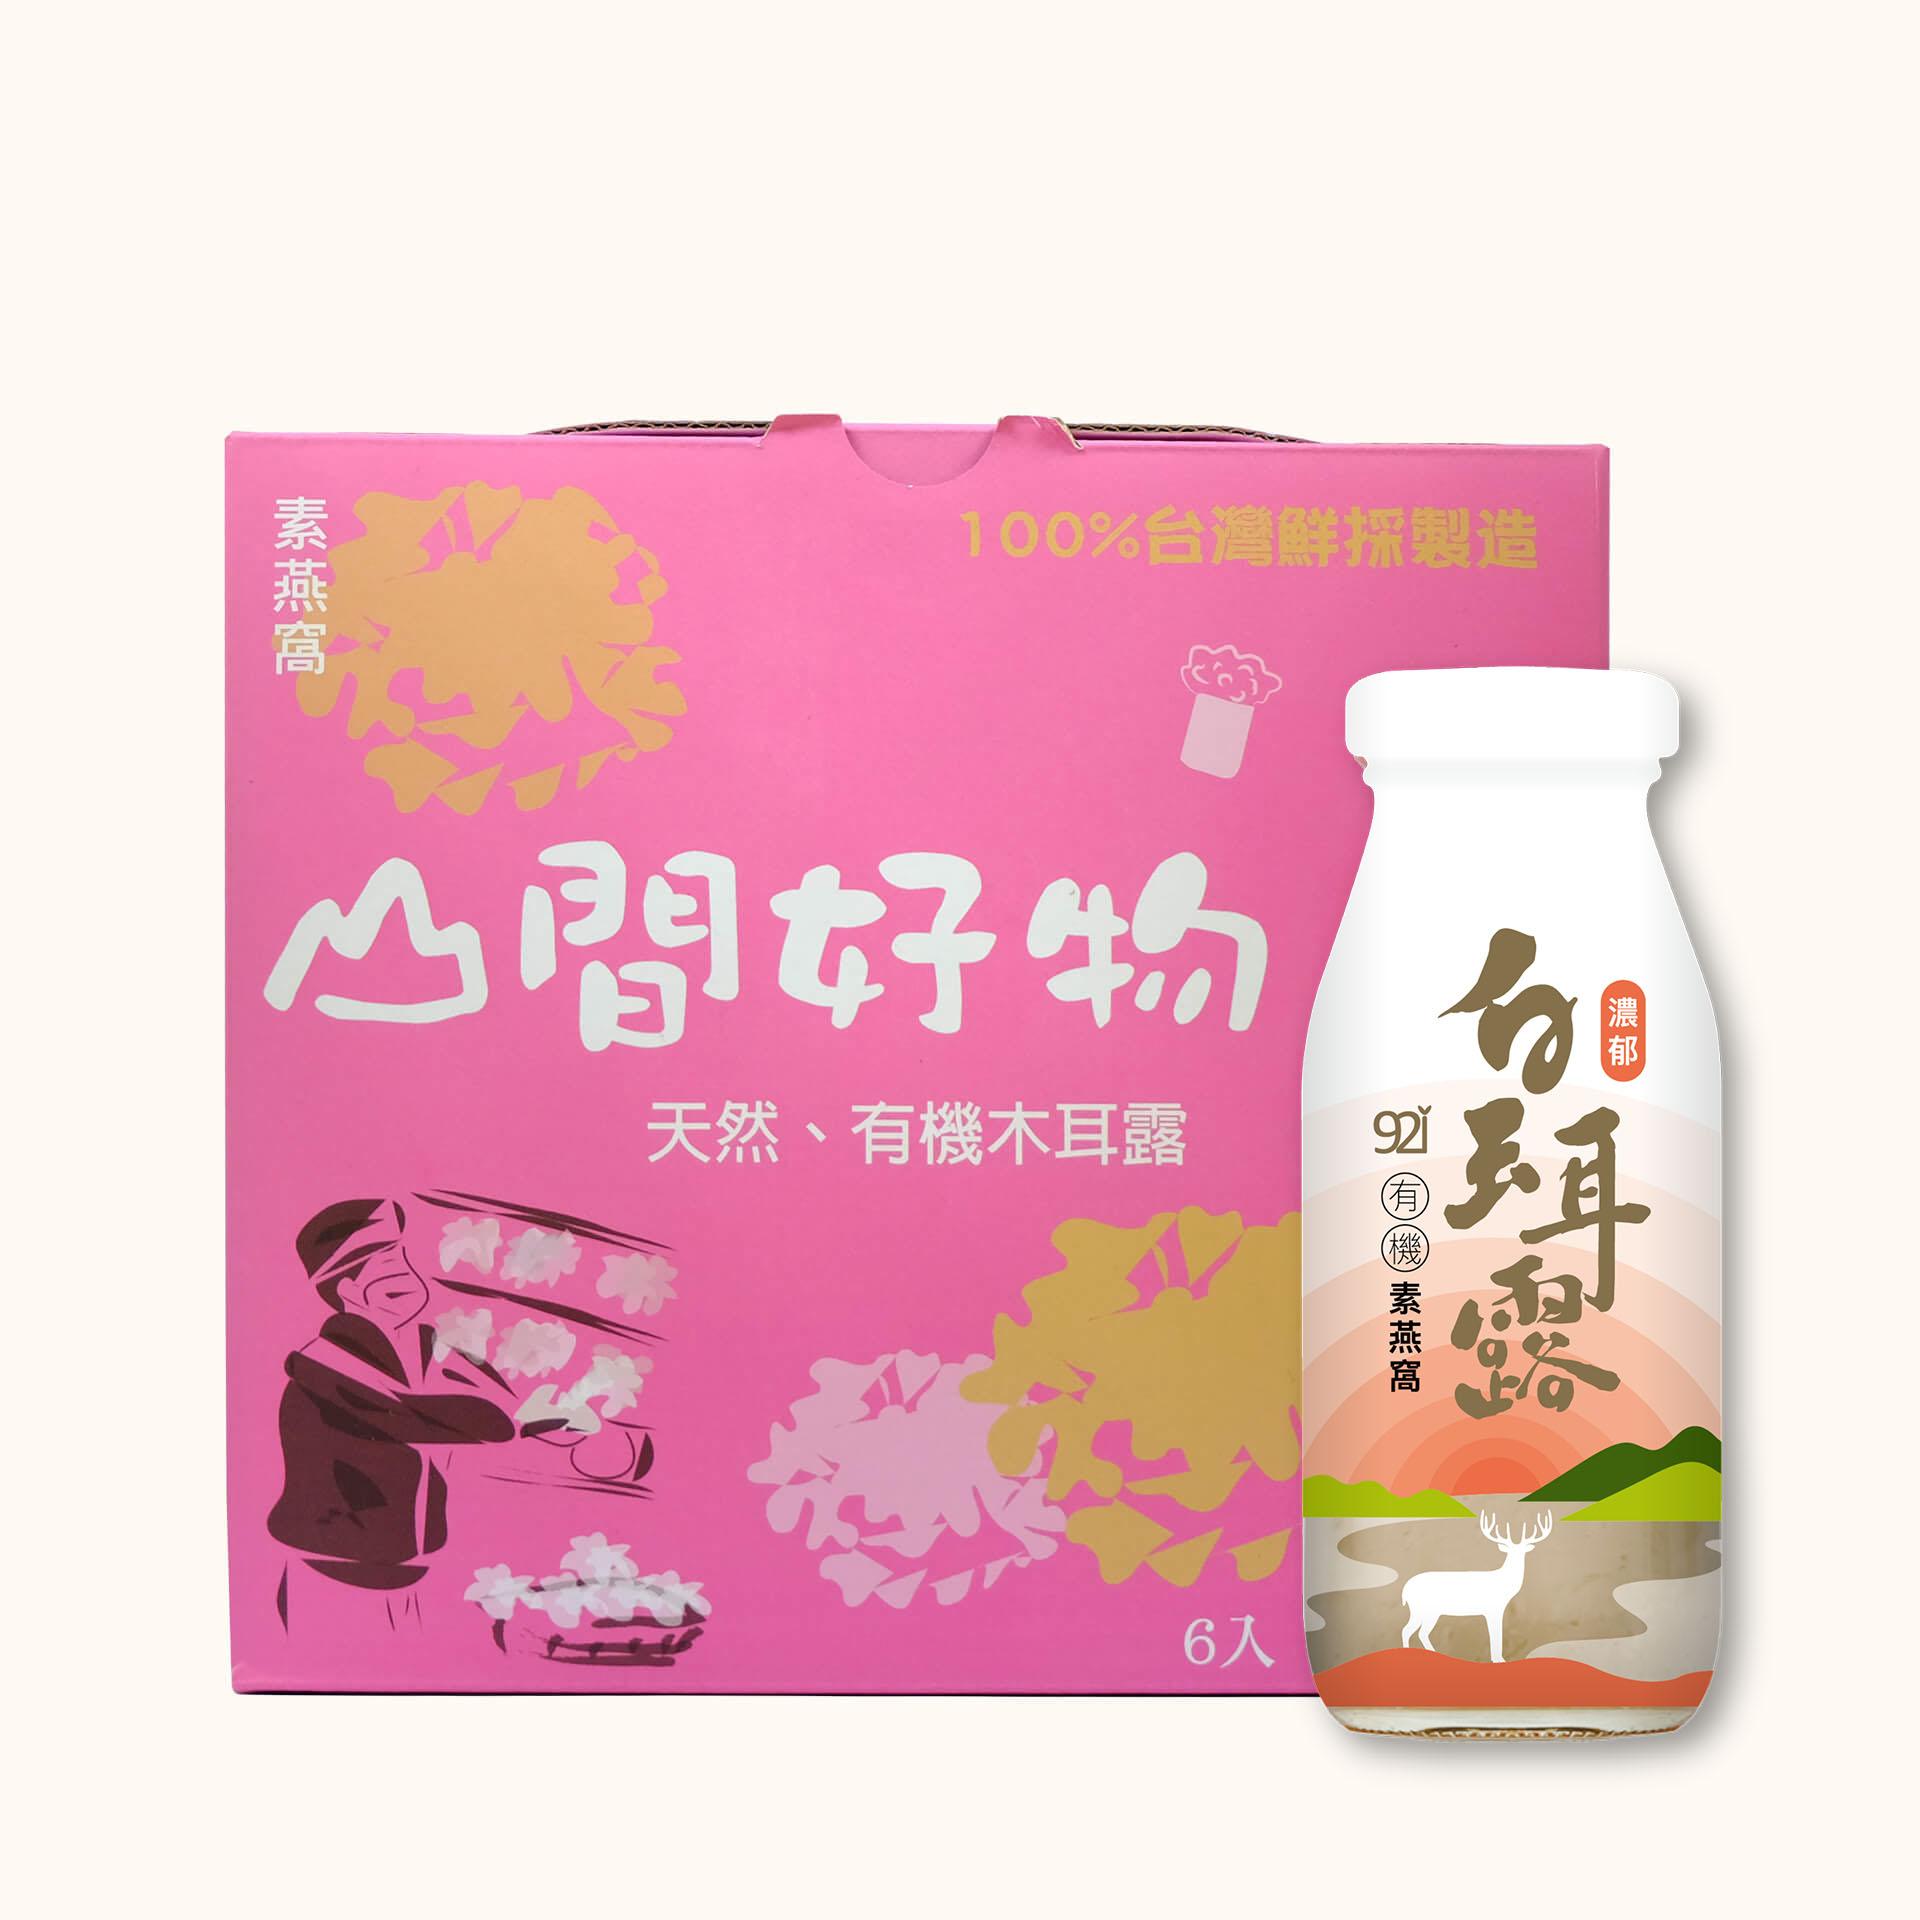 【小農特區】有機白玉耳露6瓶(禮盒組)(到期:20220331)